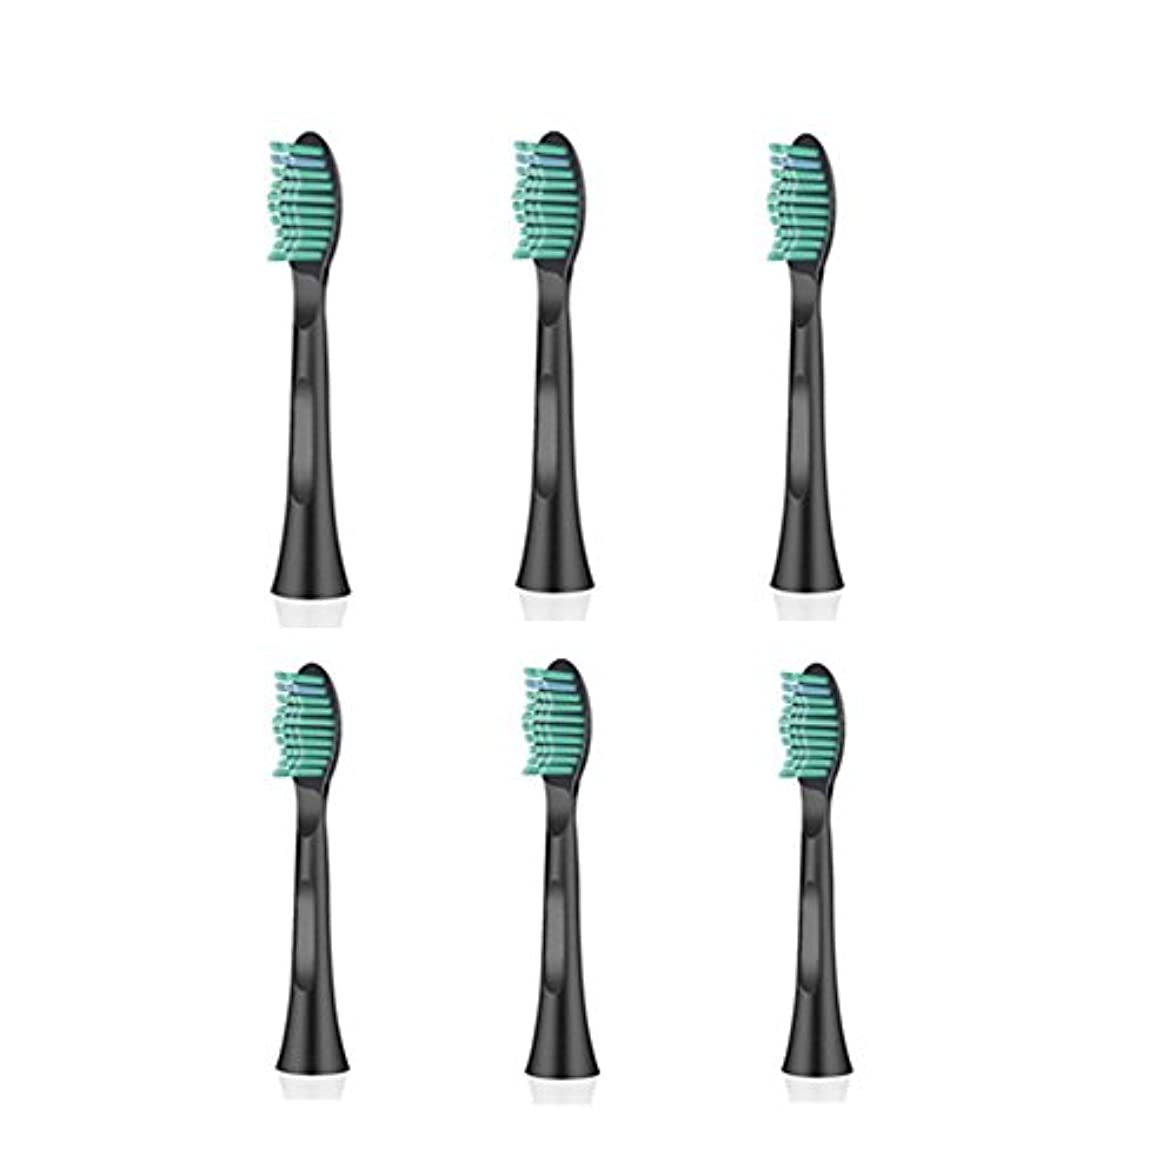 可動式苛性現像ITECHNIK 電動歯ブラシ 音波式歯ブラシ 替えブラシ 6本入 黒い